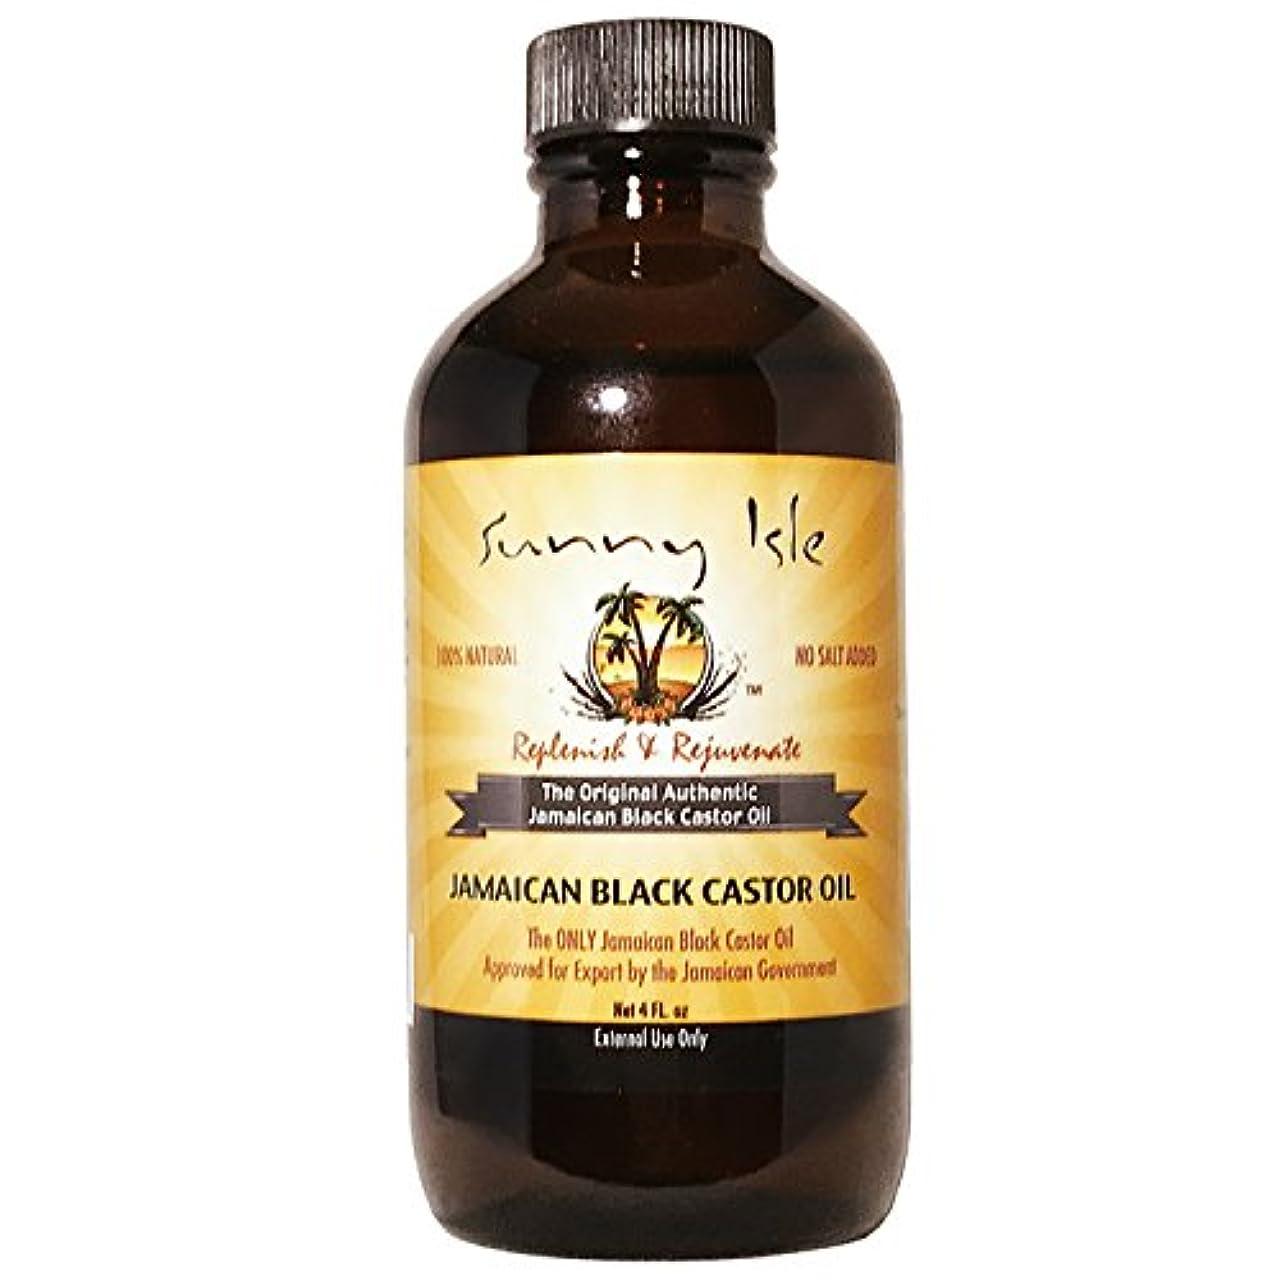 アナロジー半径カッターSunny Isle ジャマイカンブラックキャスターオイル 未精製?100%ナチュラル (化粧用油) 4oz 118ml